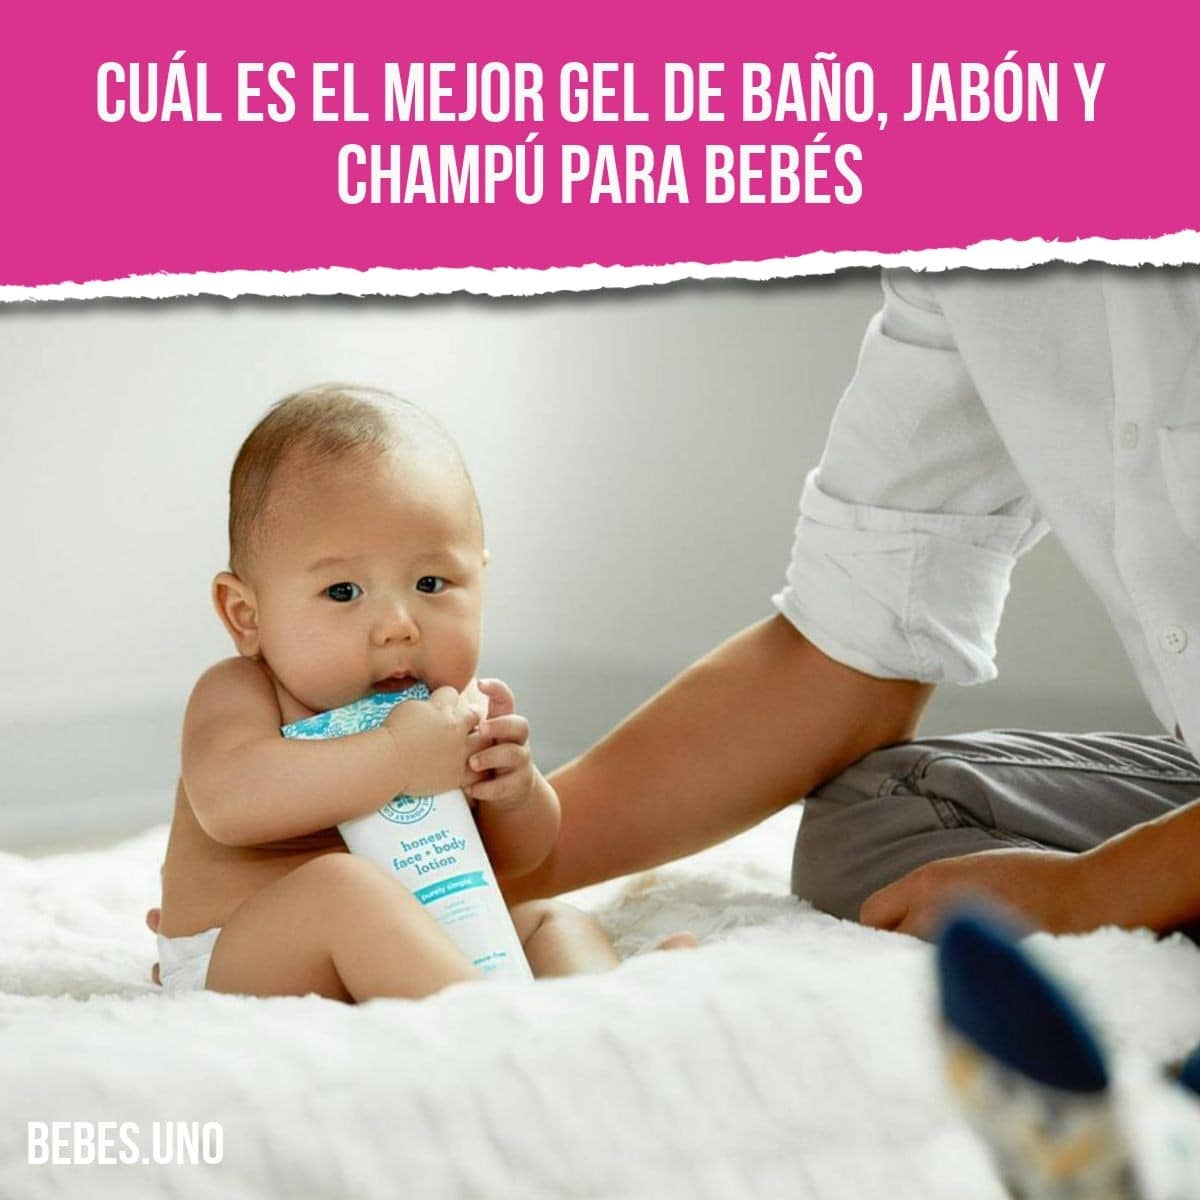 Cuál es el mejor gel de baño, jabón y champú para bebés